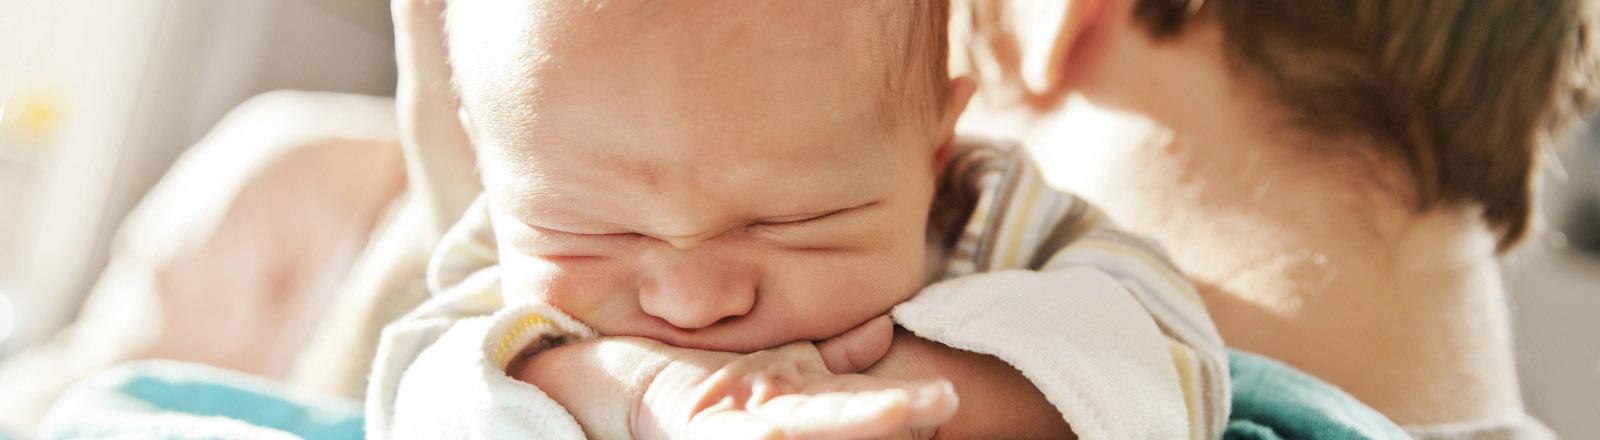 Ein Vater hält kurz nach der Geburt seinen Sohn auf dem Arm.